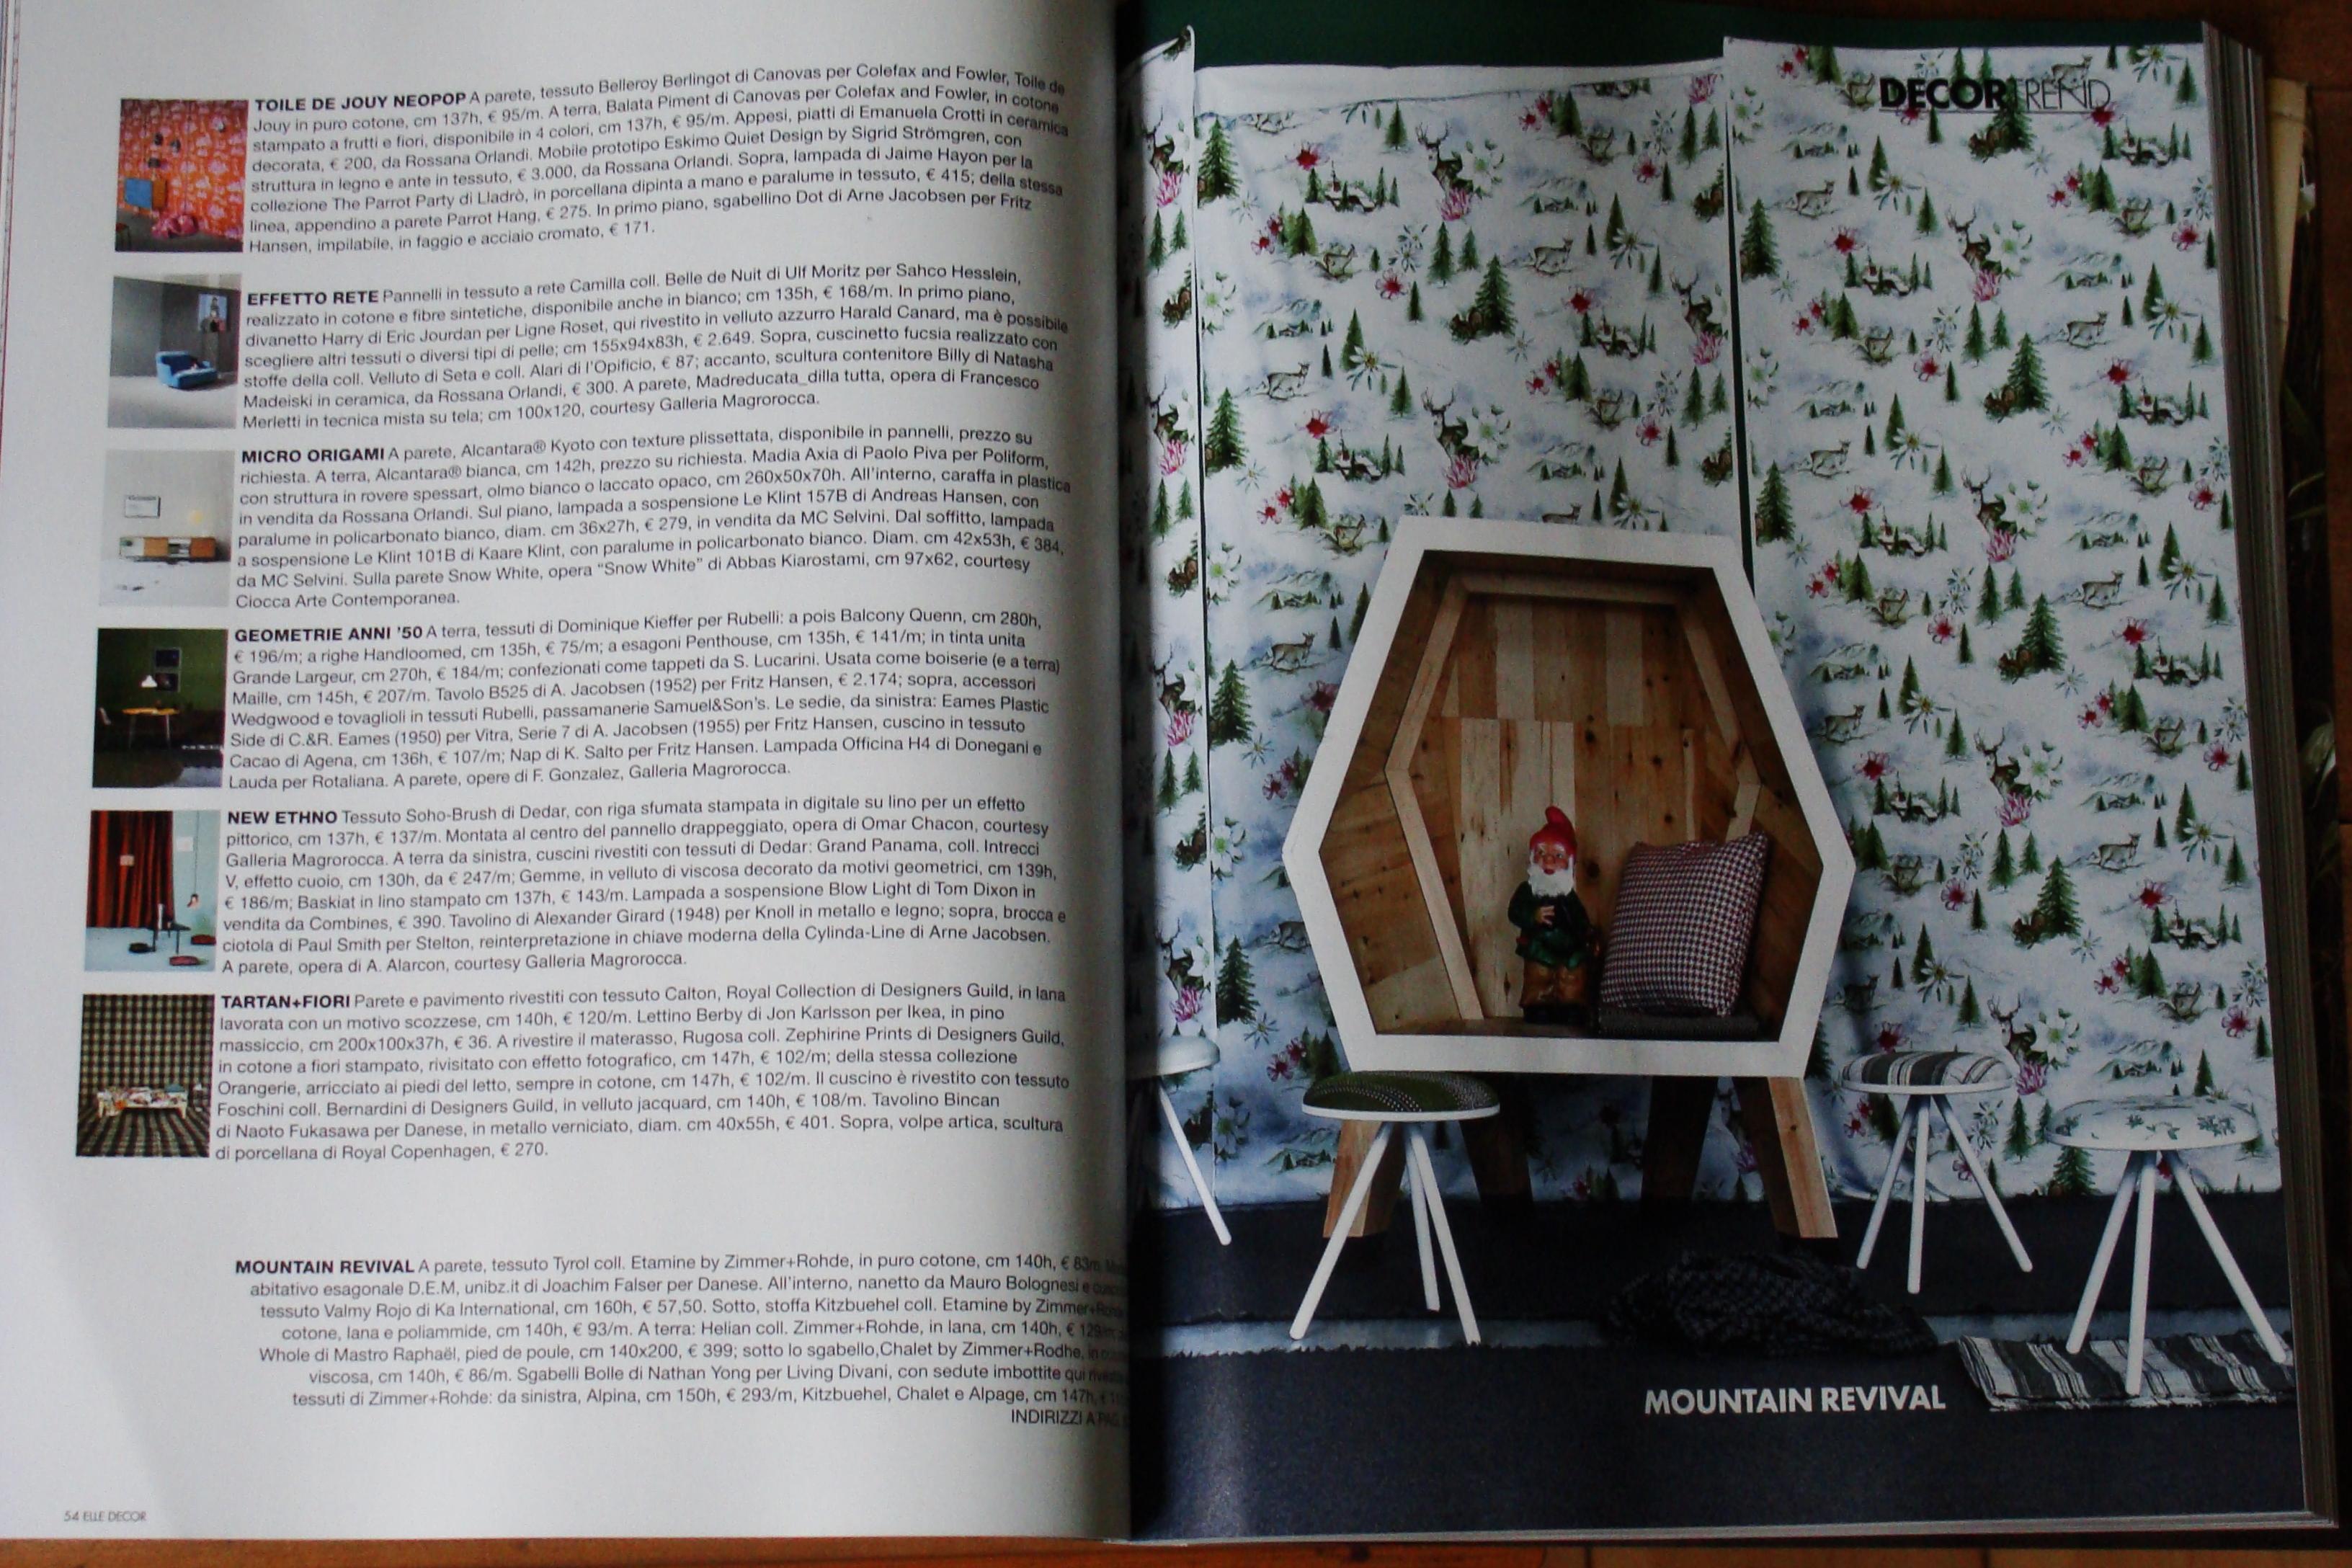 Wohn Zeitschriften wohnzeitschriften und ganz viel inspiration im web casa colorata